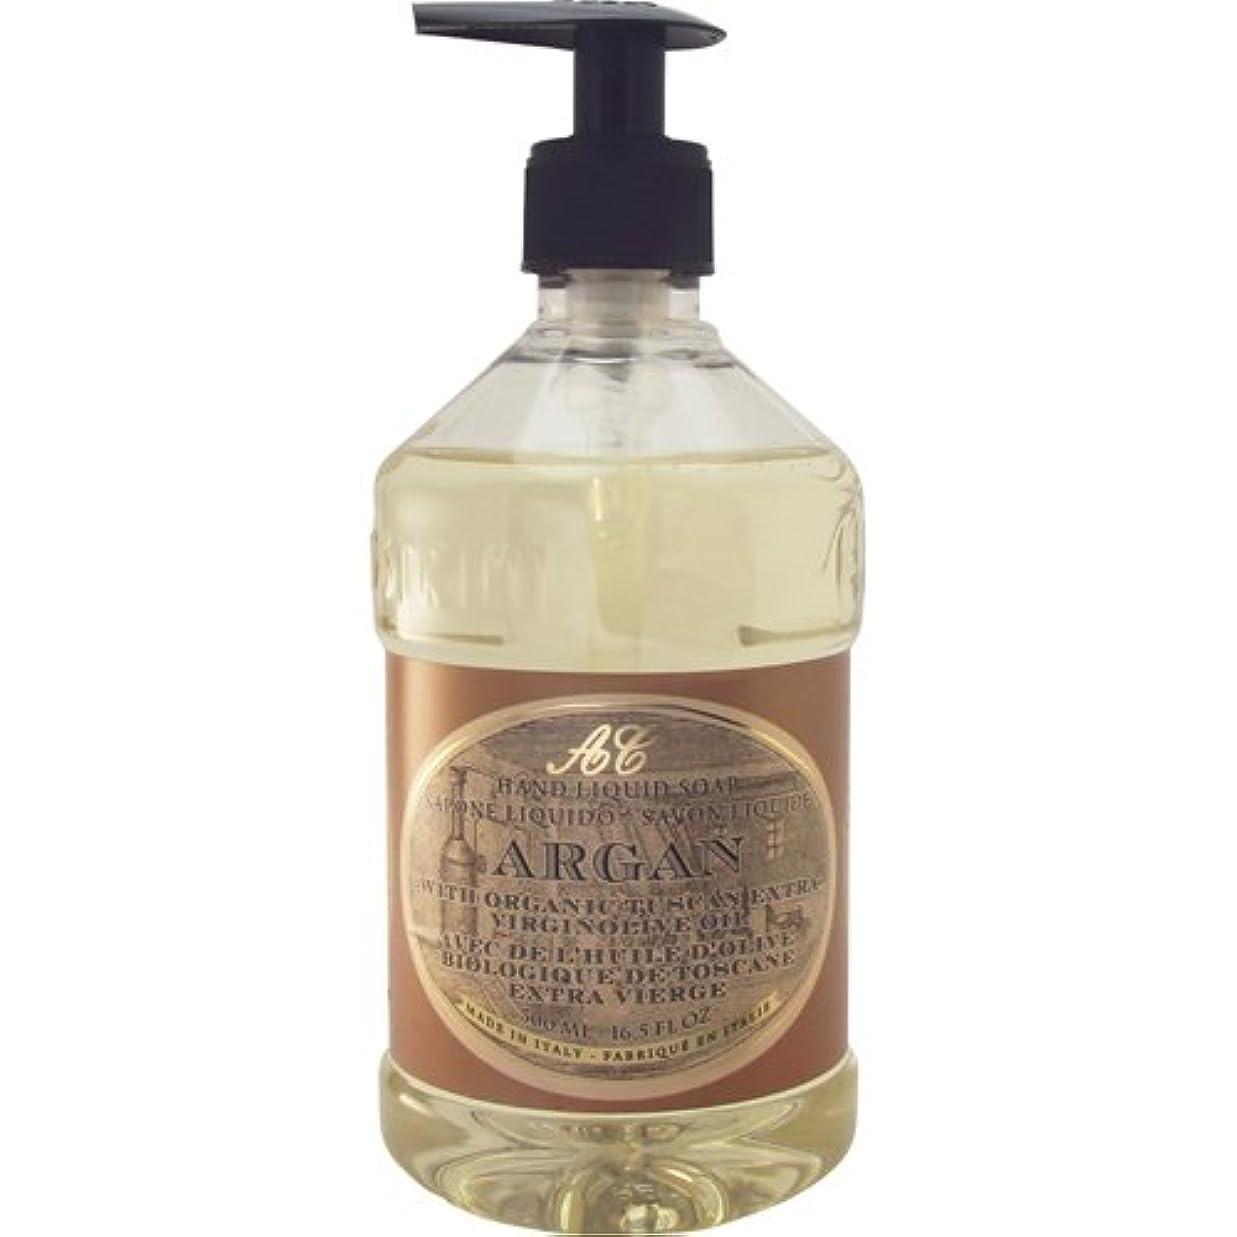 異なる幅子孫Saponerire Fissi レトロシリーズ Liquid Soap リキッドソープ 500ml Argan アルガンオイル